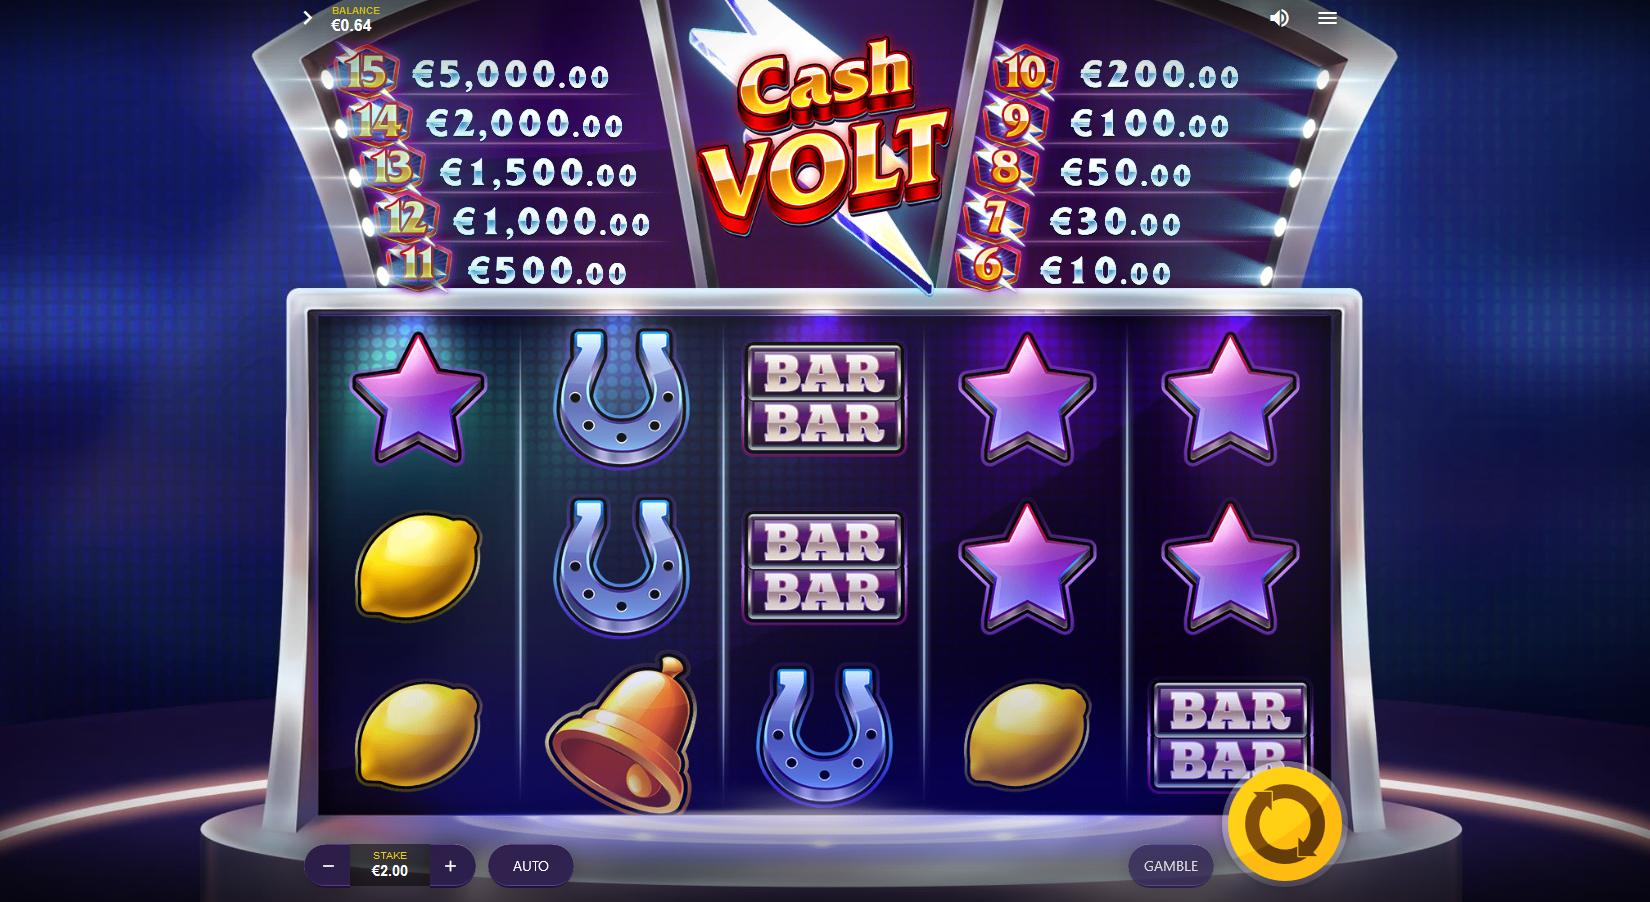 Cash Volt Slots Online